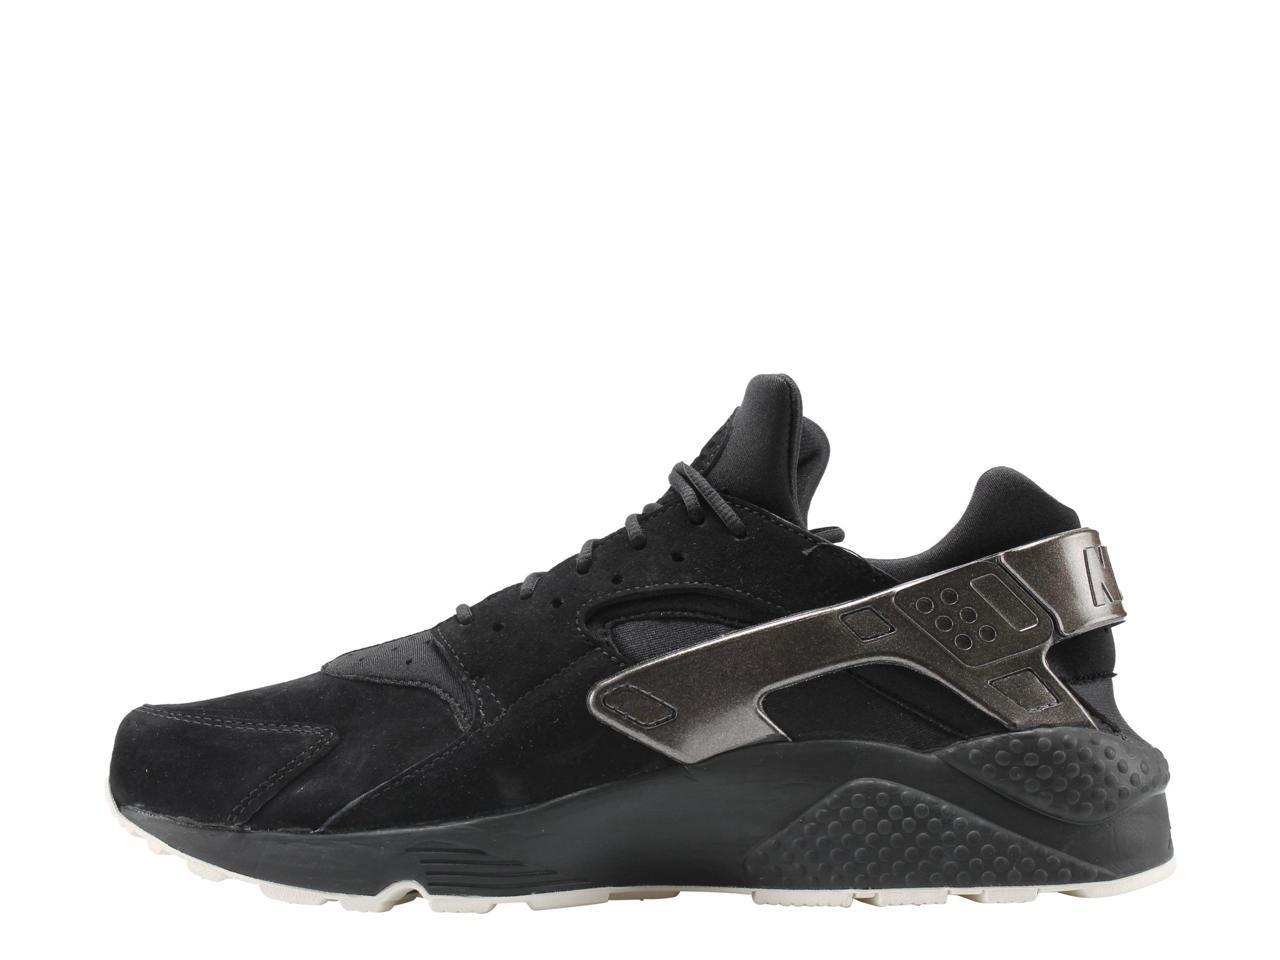 nike air huarache courir pmr pmr courir Noir  & # 47; voile noire hommes & # 39; s des chaussures de course 704830-014 taille 10,5 8ef8b5